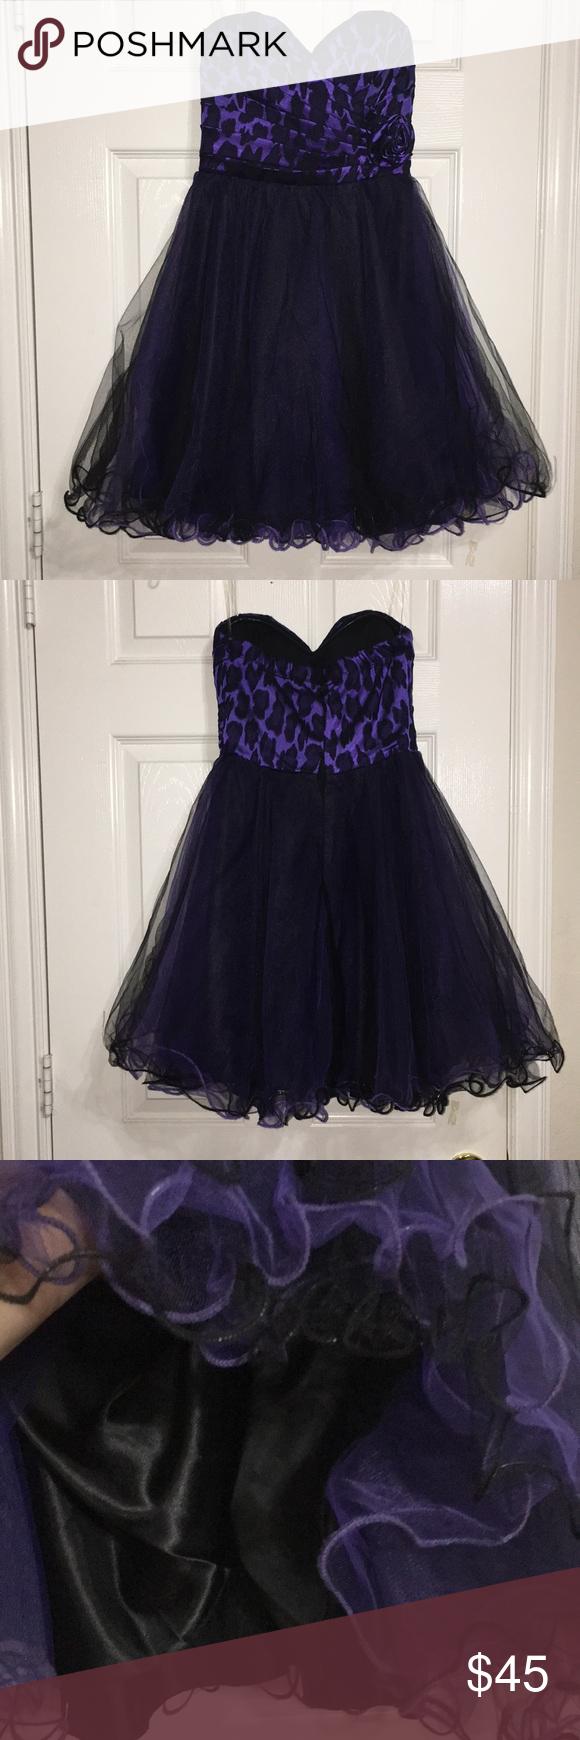 Blackpurple semiformal dress semi formal dresses overlays and